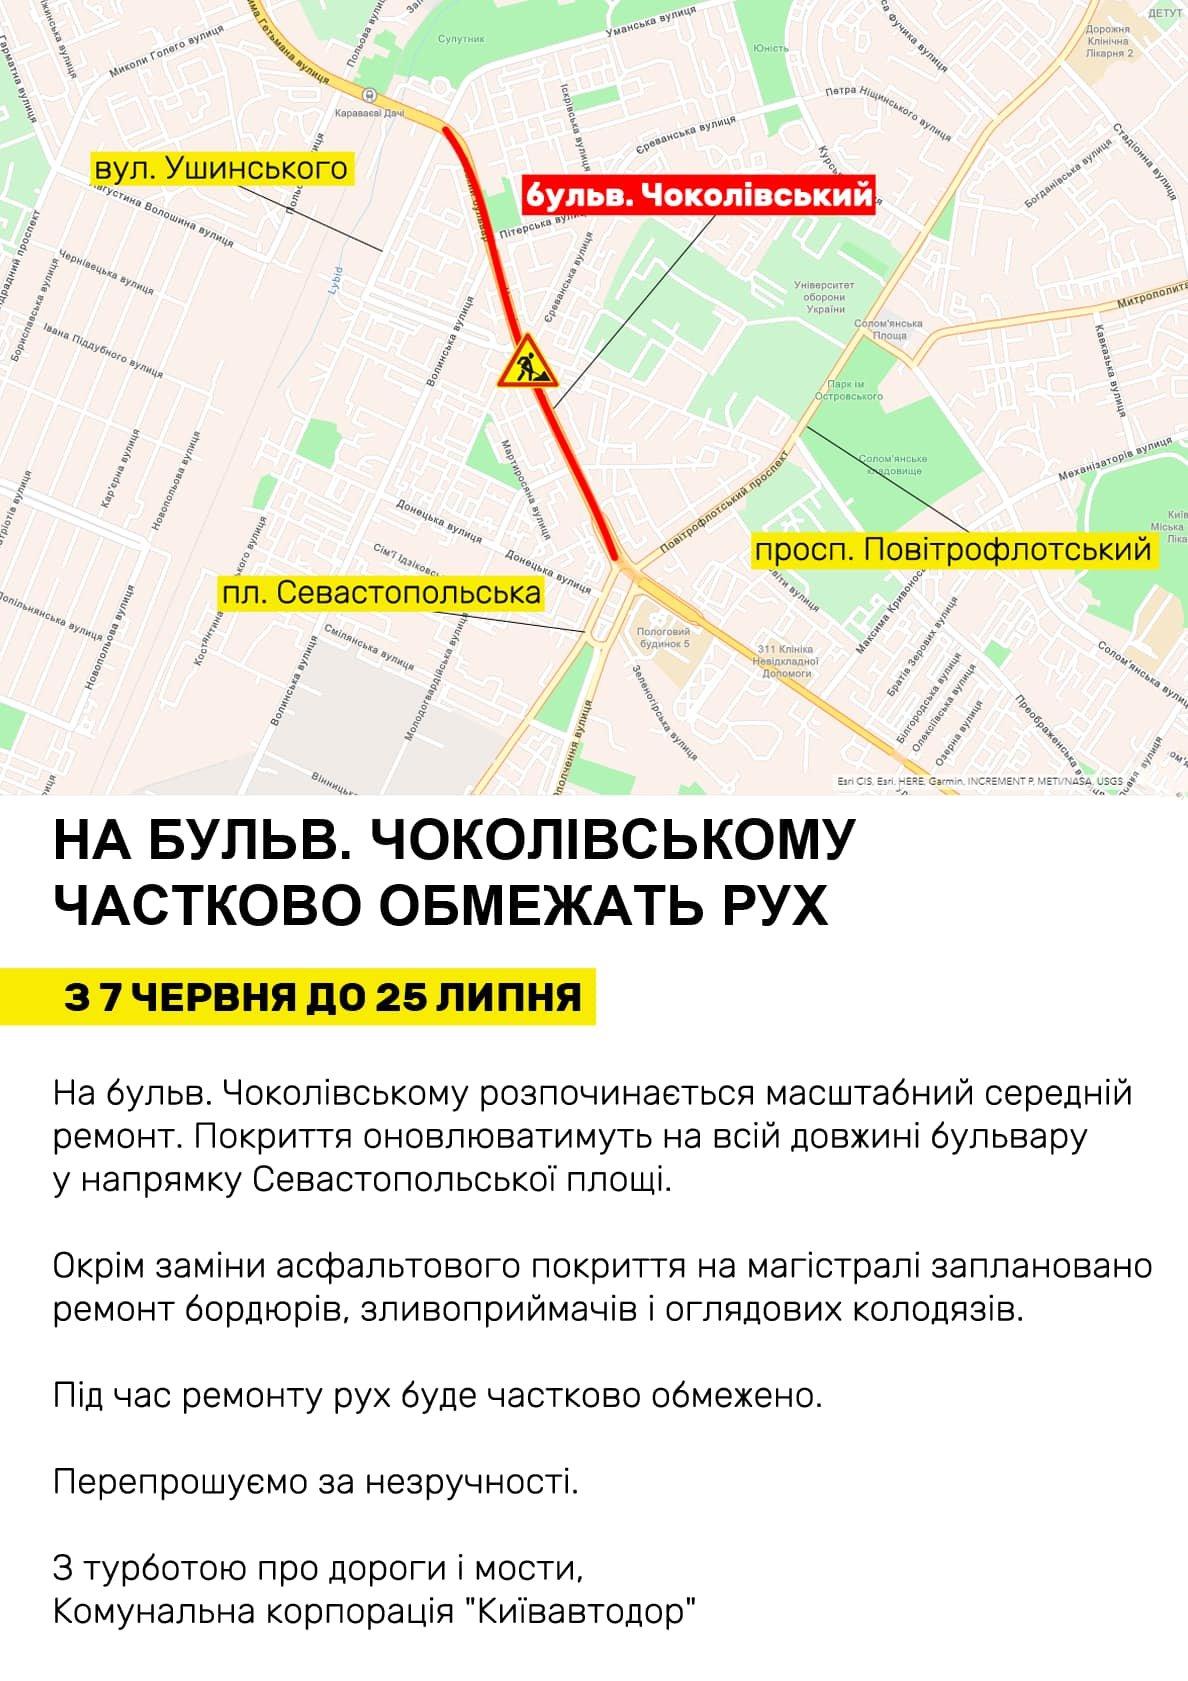 В Киеве для транспорта закроют Чоколовский бульвар., Схема Киевавтодора